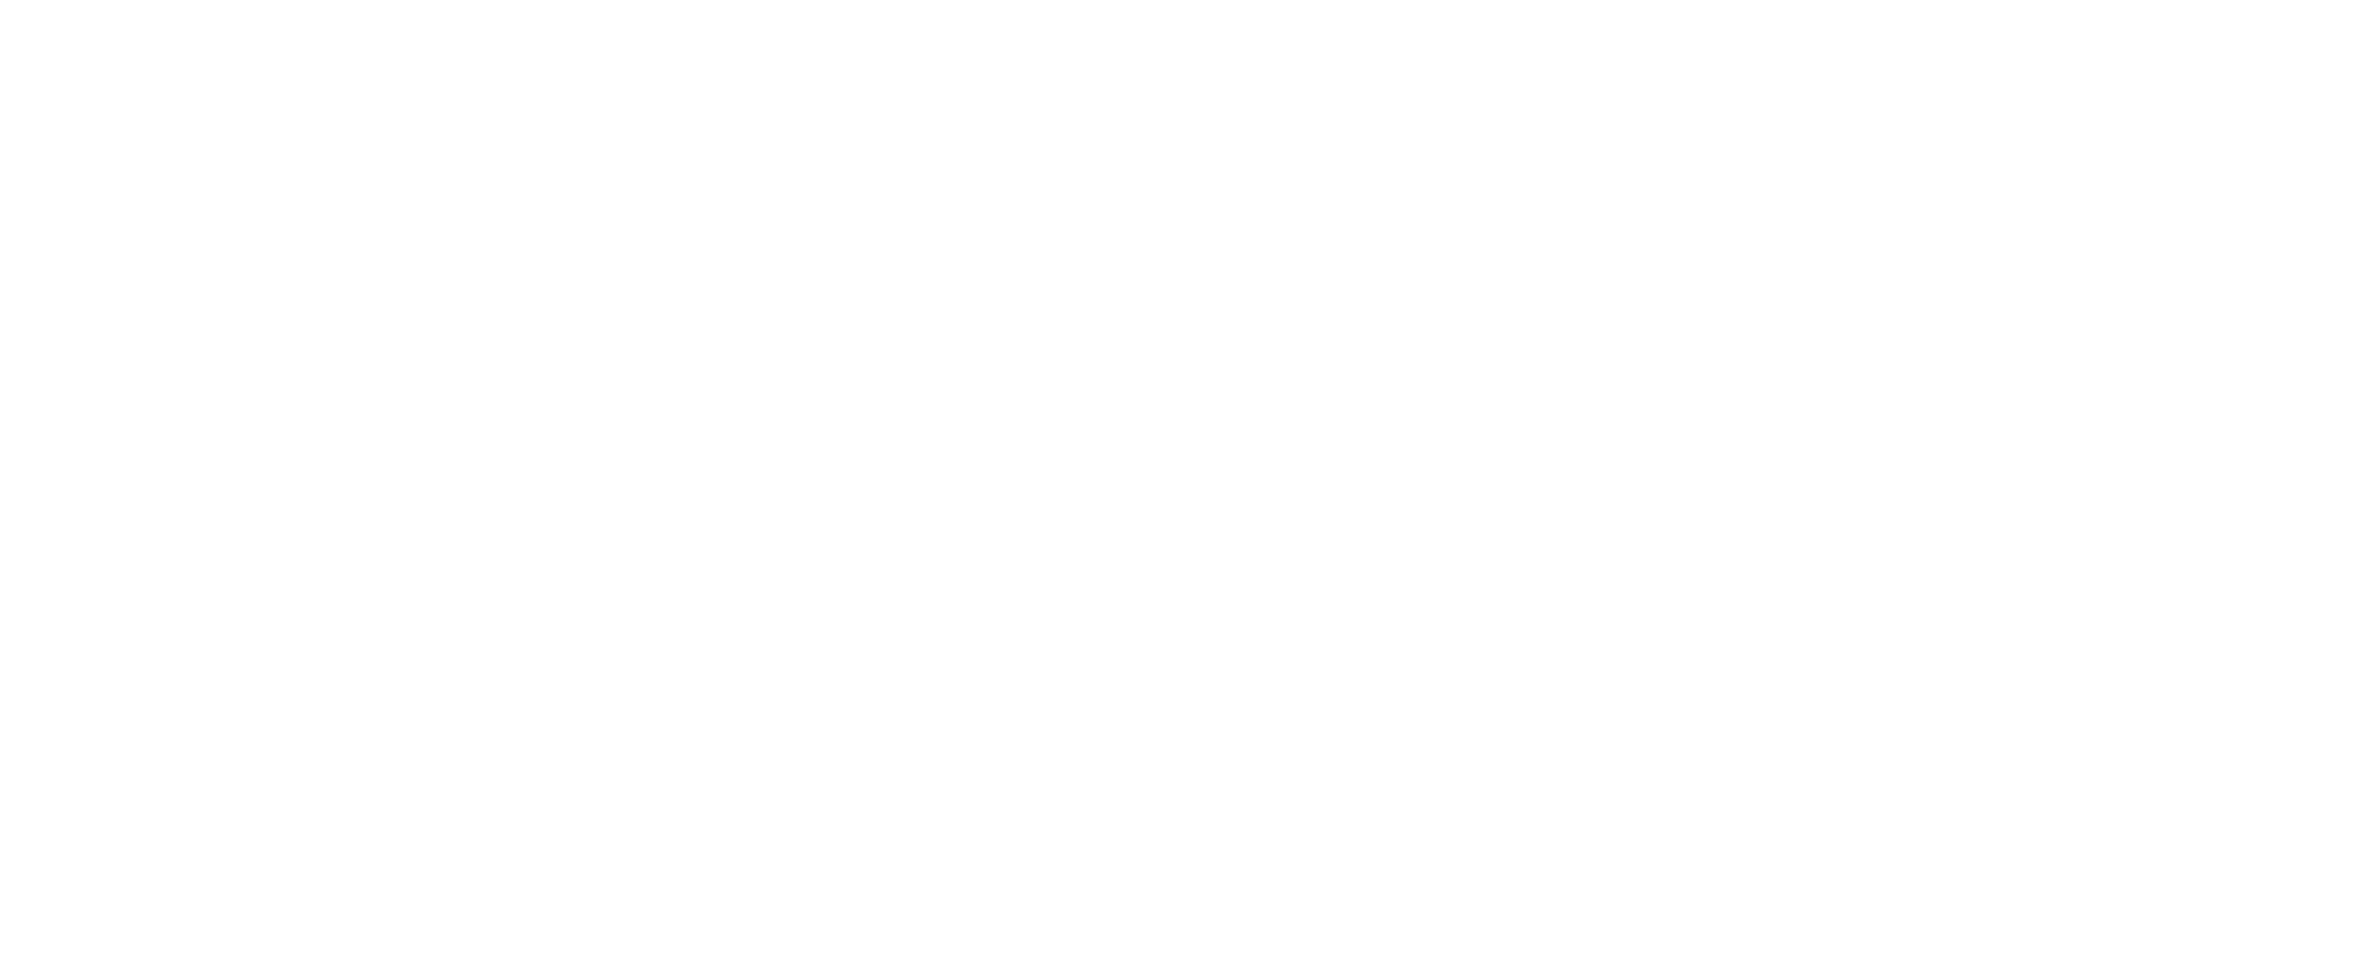 dynamic-cars-logo-ohne-typo-heller-untergrund-mit-text-quer-ist-mehr-rot